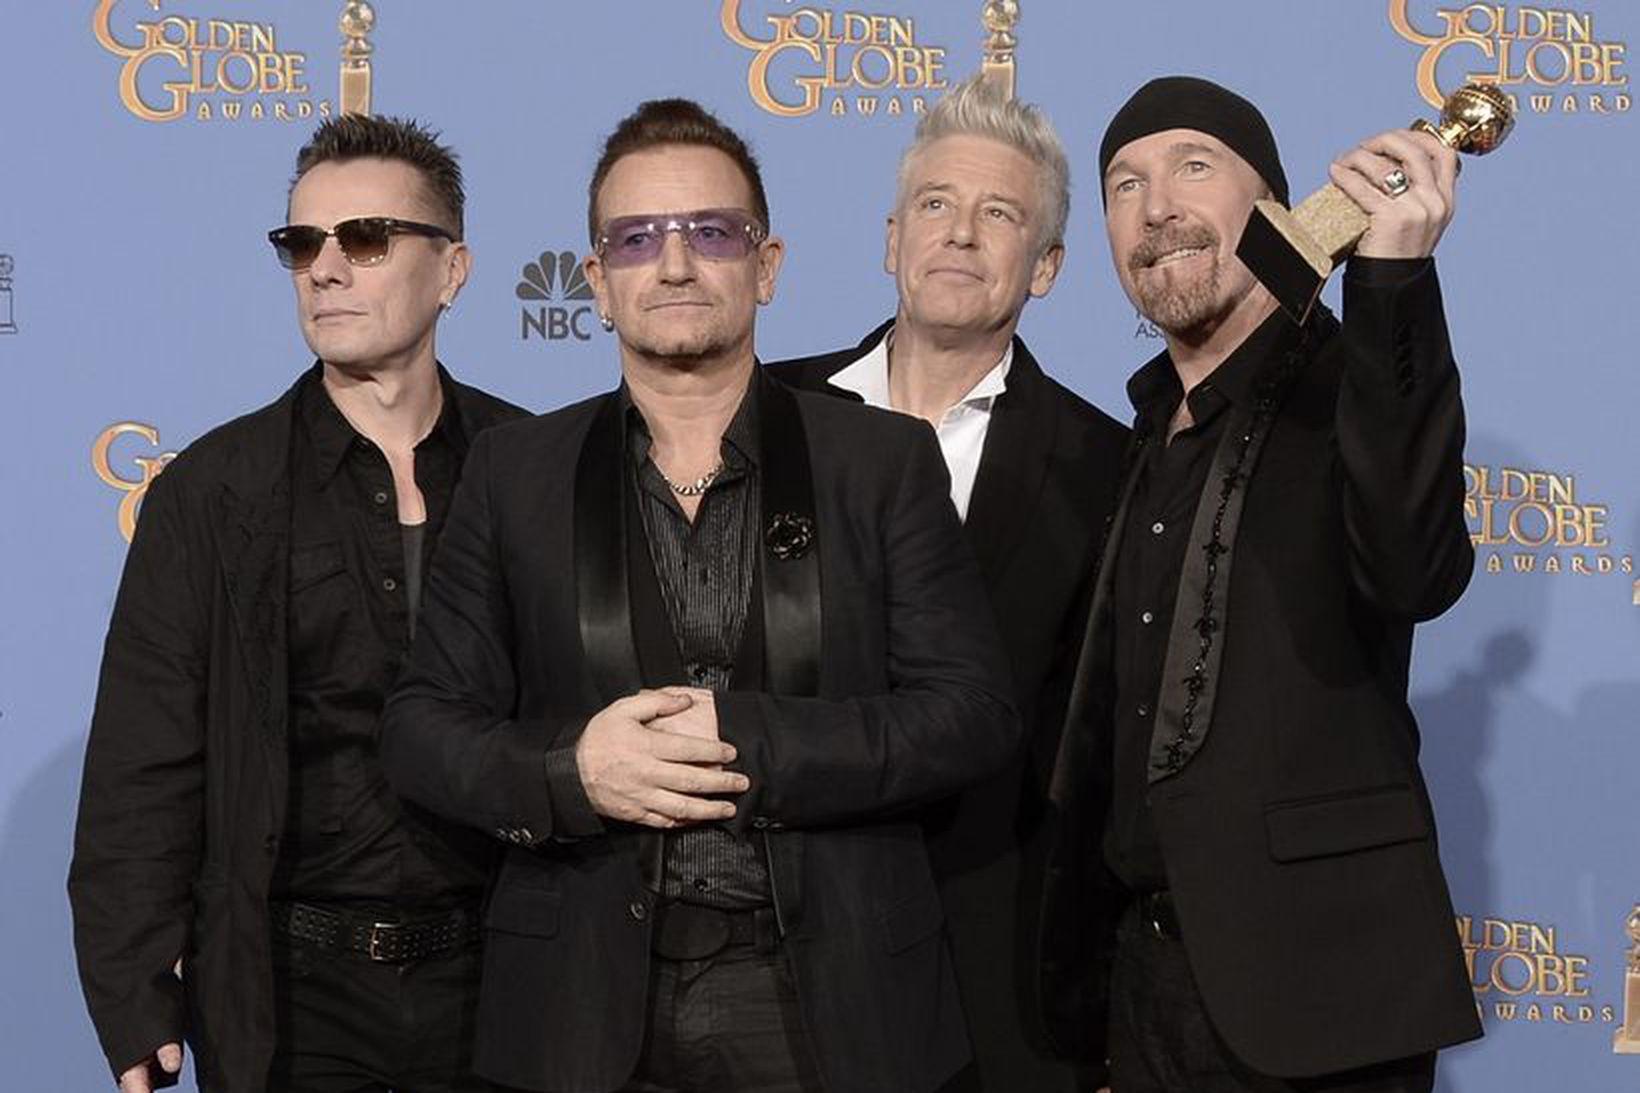 Joshua Tree með U2 var valin besta plata 9. áratugarins.